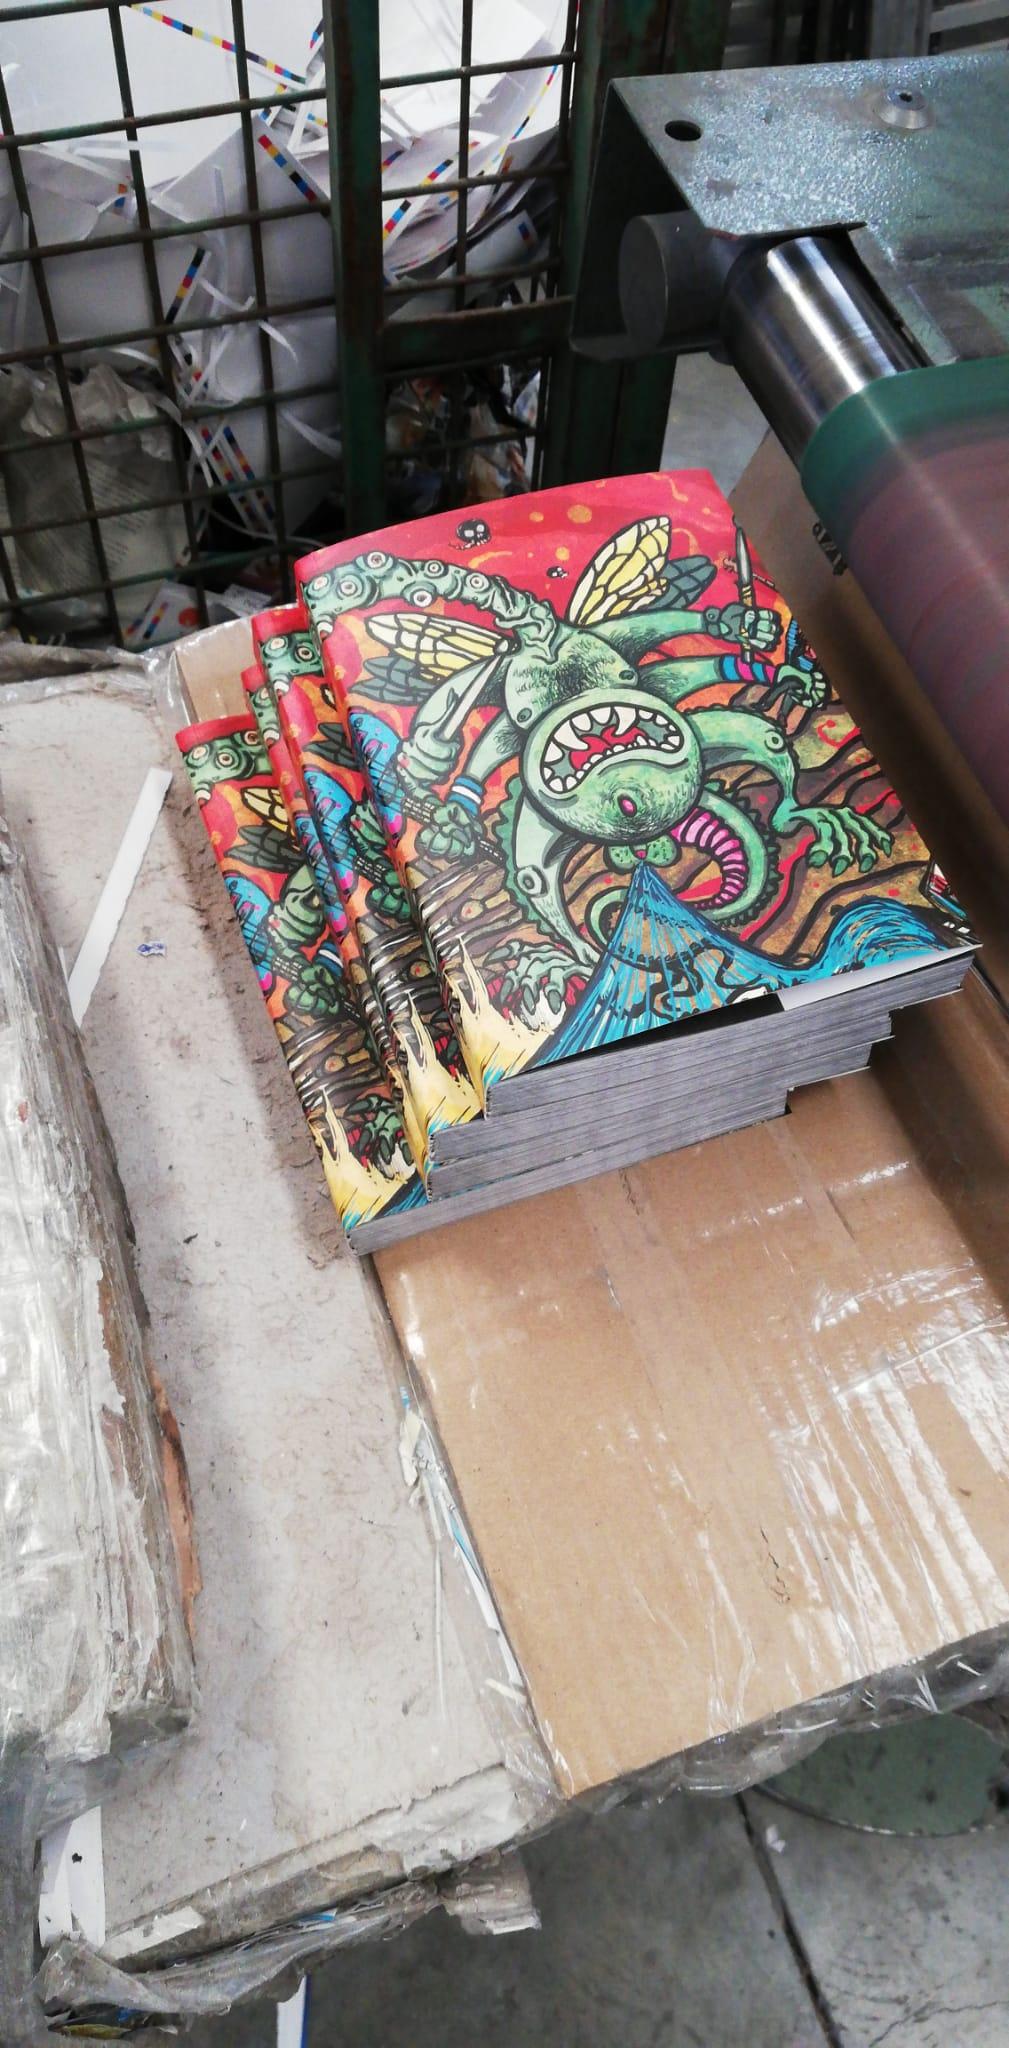 La Hilarante Historia de Melvins - Noviembre [2020] *** 120 copias disponibles *** - Página 7 Whatsa11